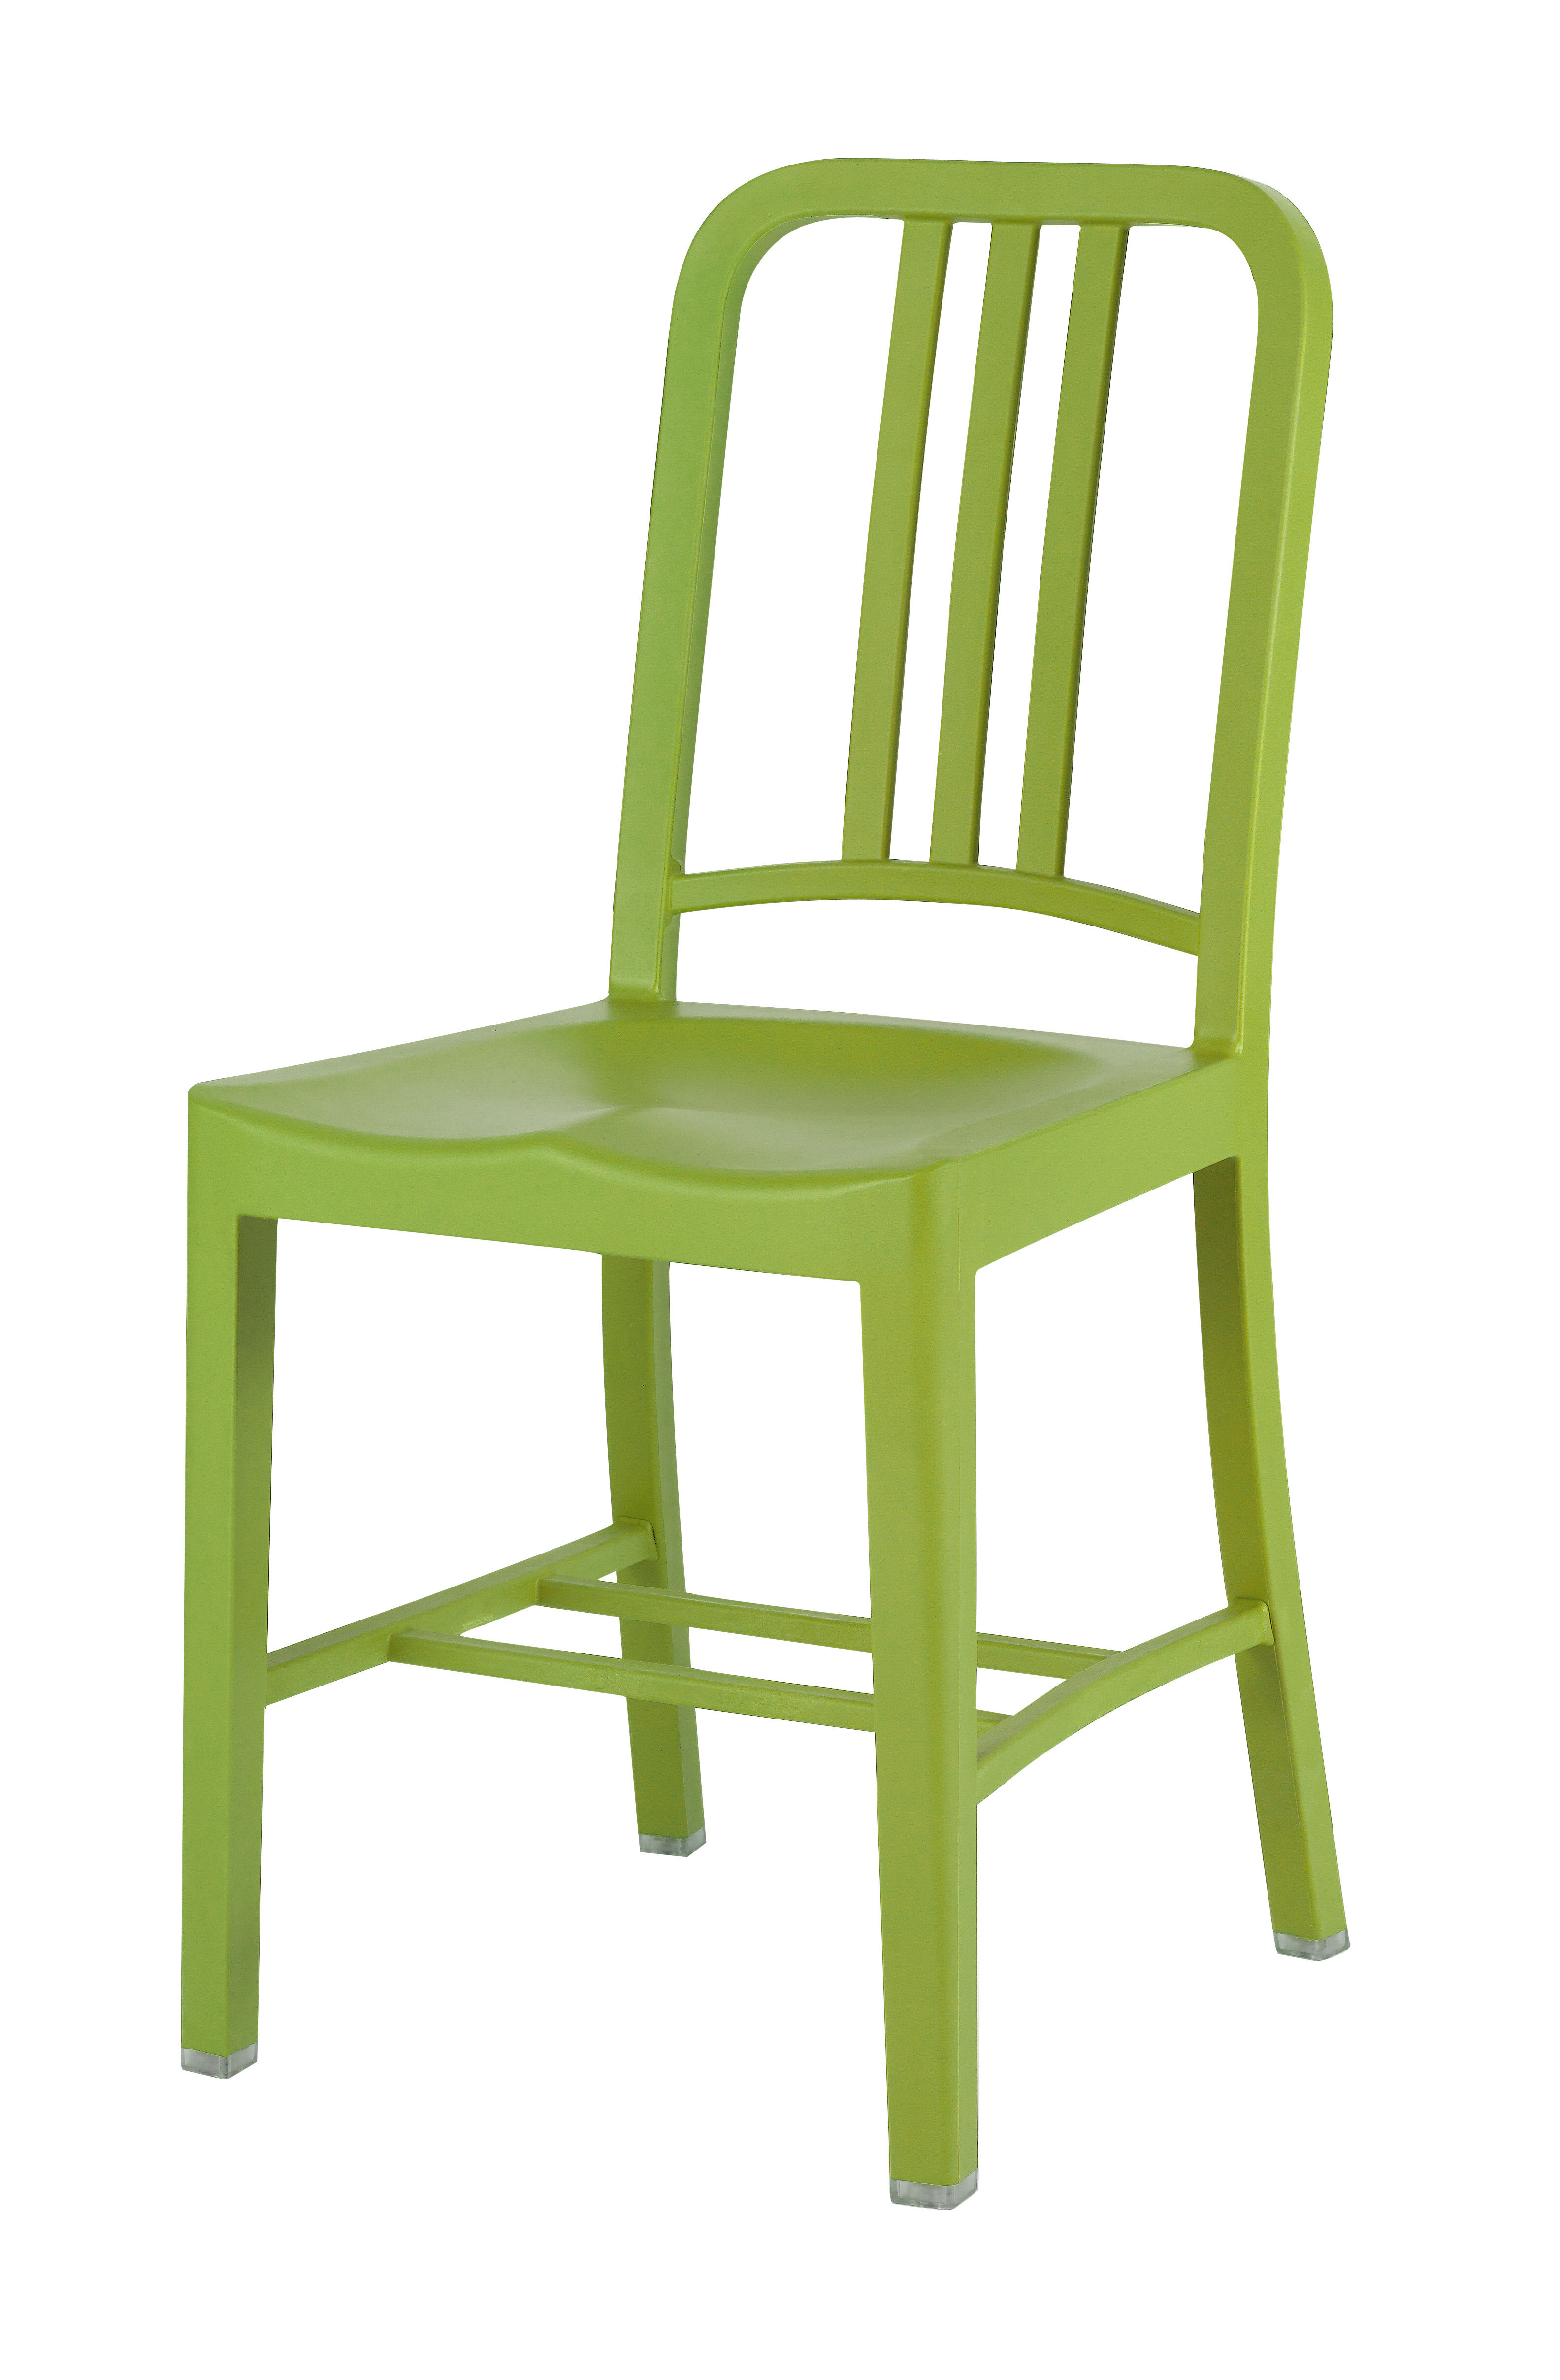 Mobilier - Chaises, fauteuils de salle à manger - Chaise 111 Navy chair Indoor / Plastique recyclé - Emeco - Vert  (indoor) - Fibre de verre